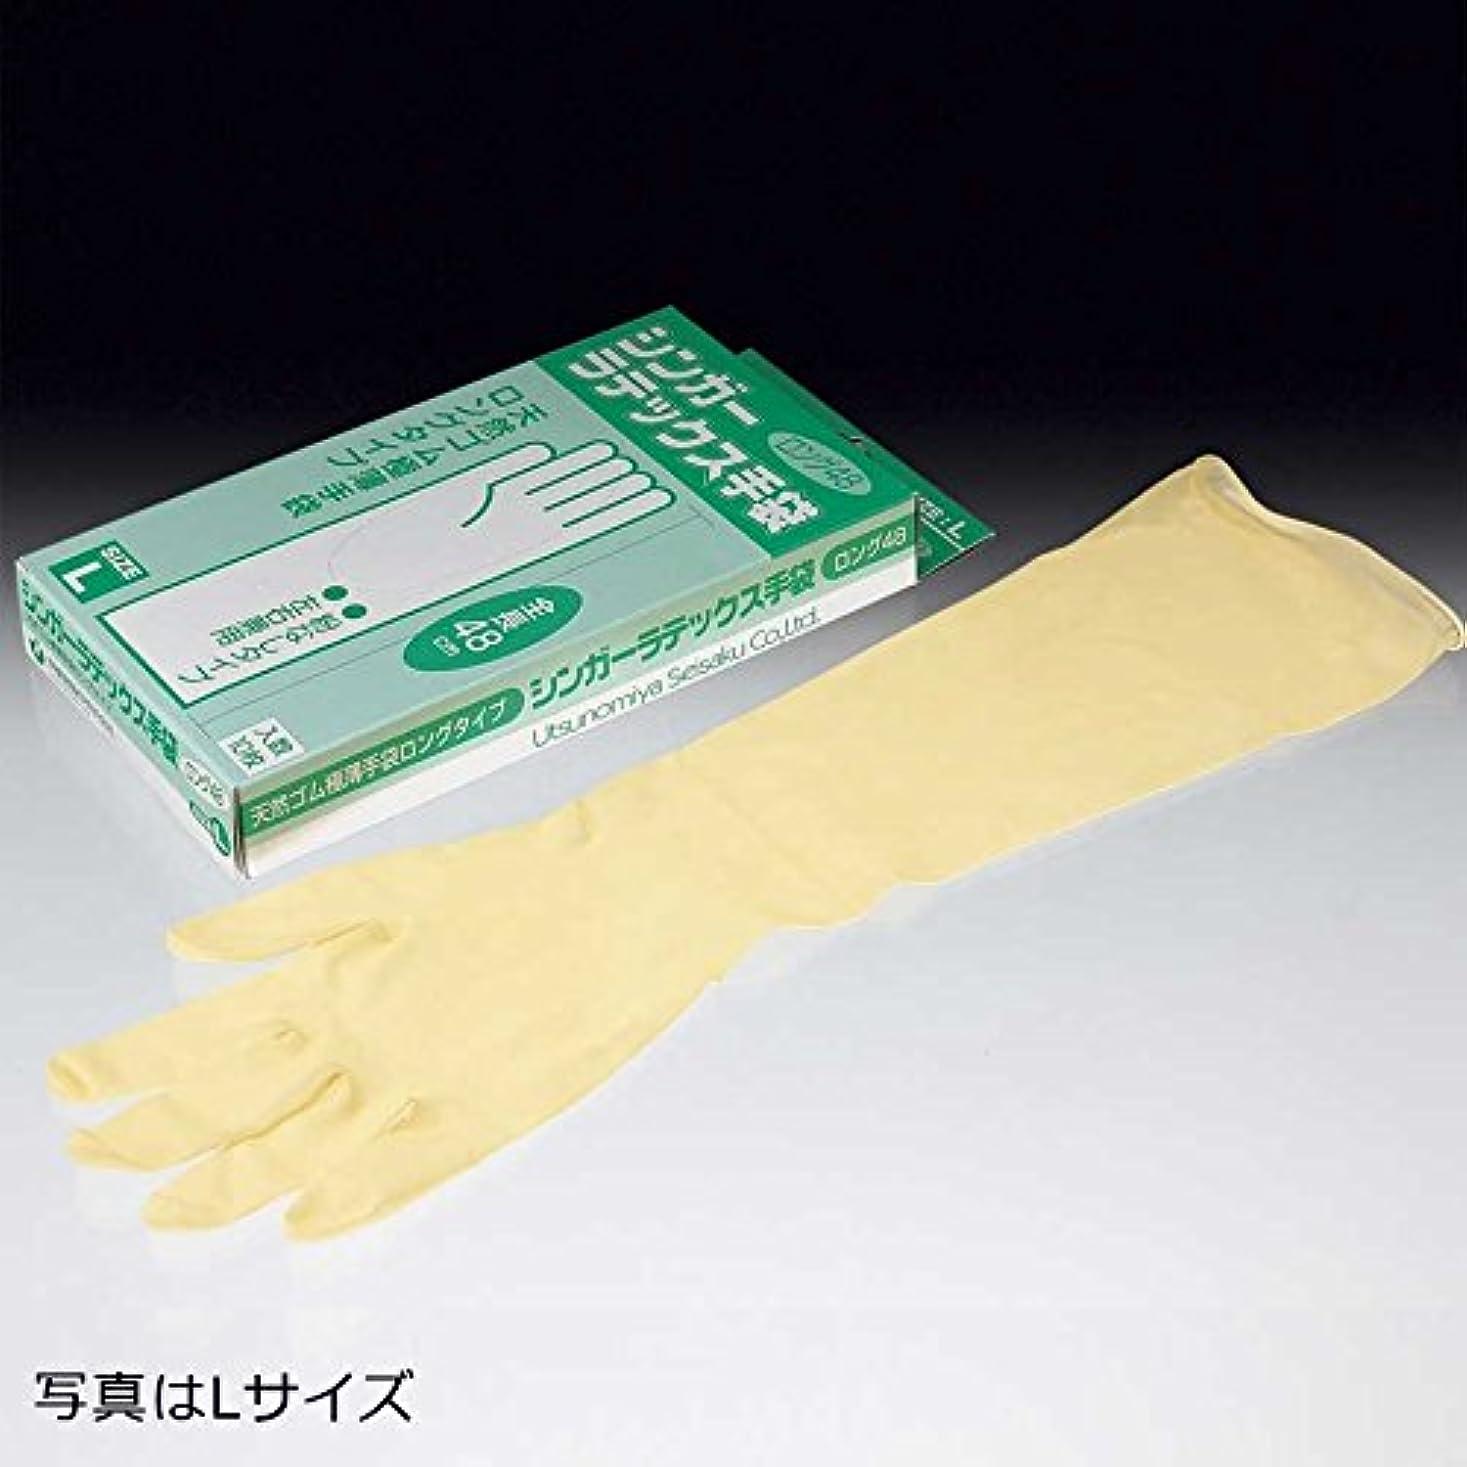 付属品名誉こねるシンガーラテックス手袋ロング48 使い捨て手袋 粉なし全長48cm200枚(10枚入り20箱) (S)